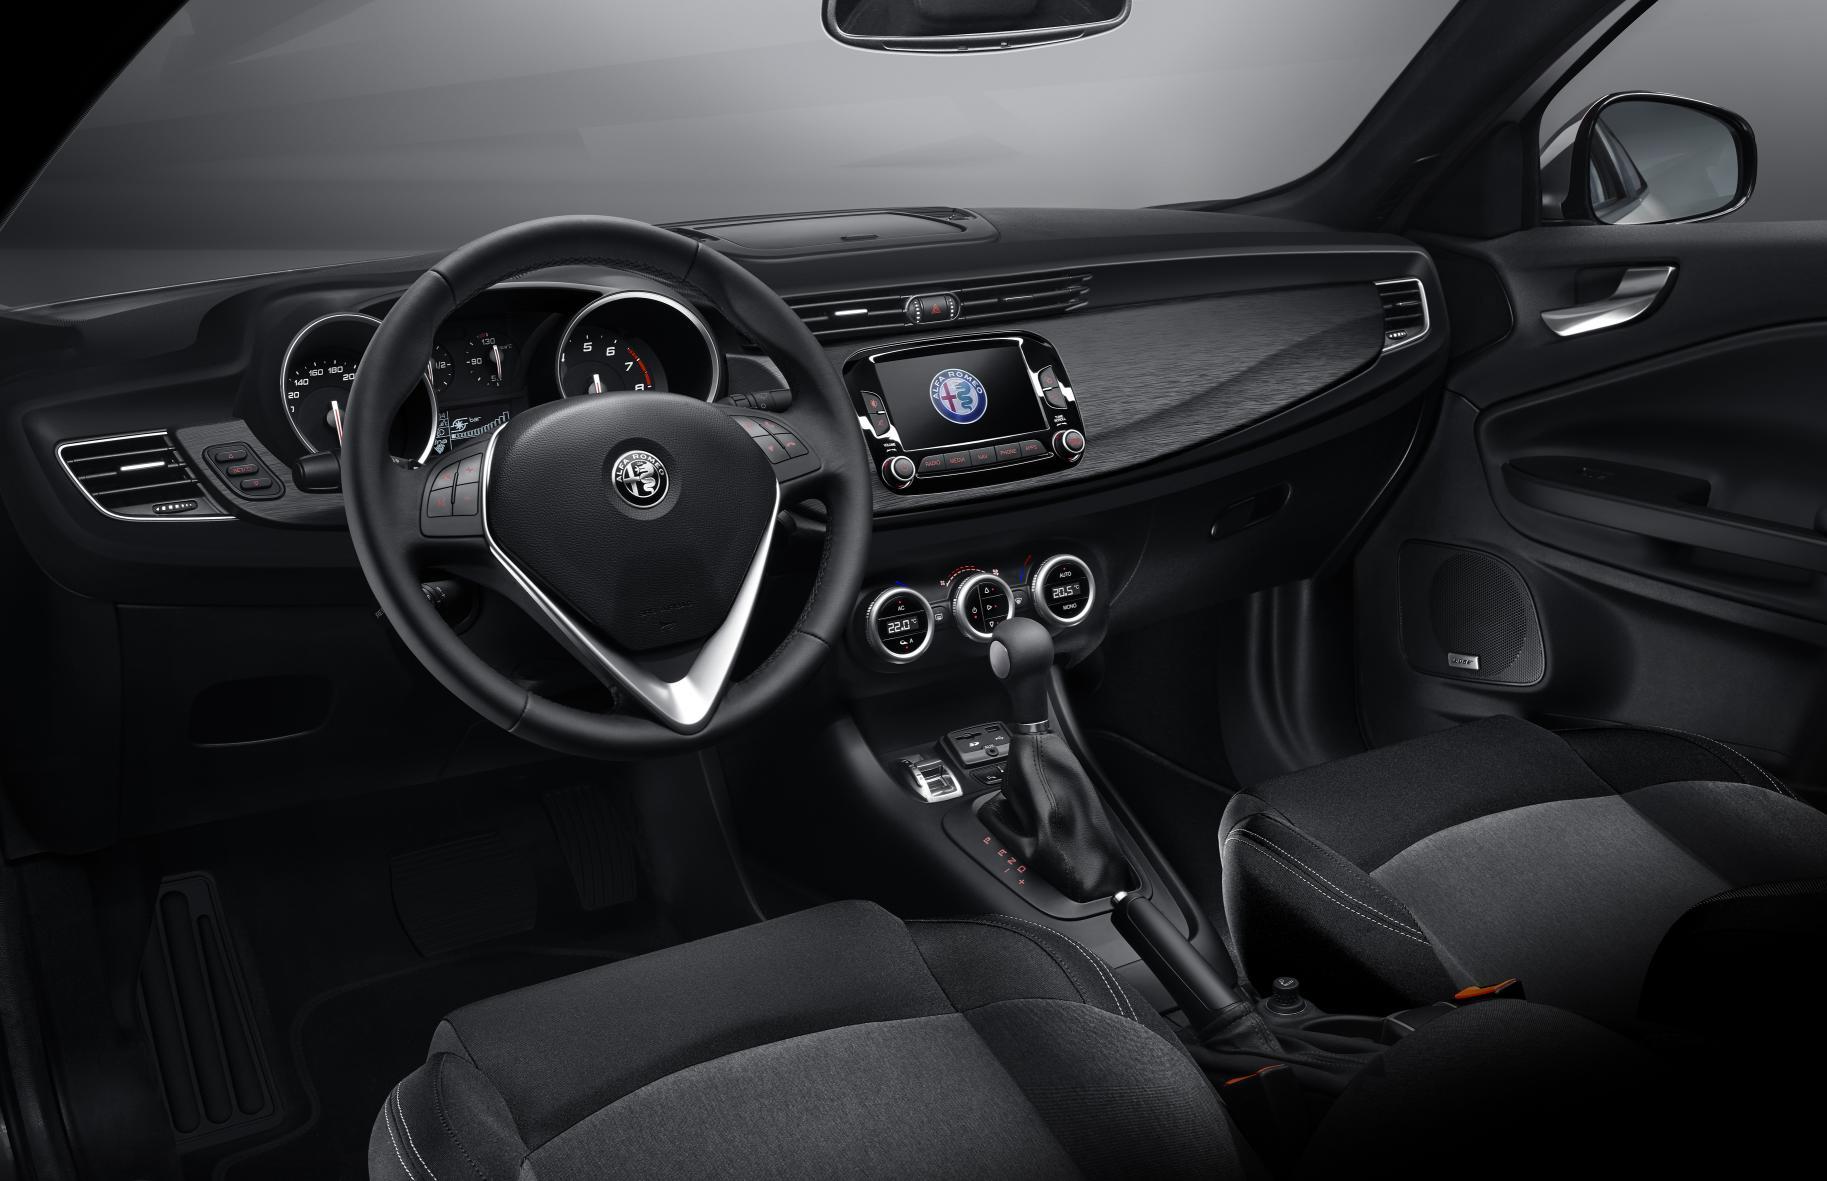 Alfa Romeo Giulietta 2016: Modificaciones estéticas leves y de equipamiento. ¿Qué hay de nuevo? 4